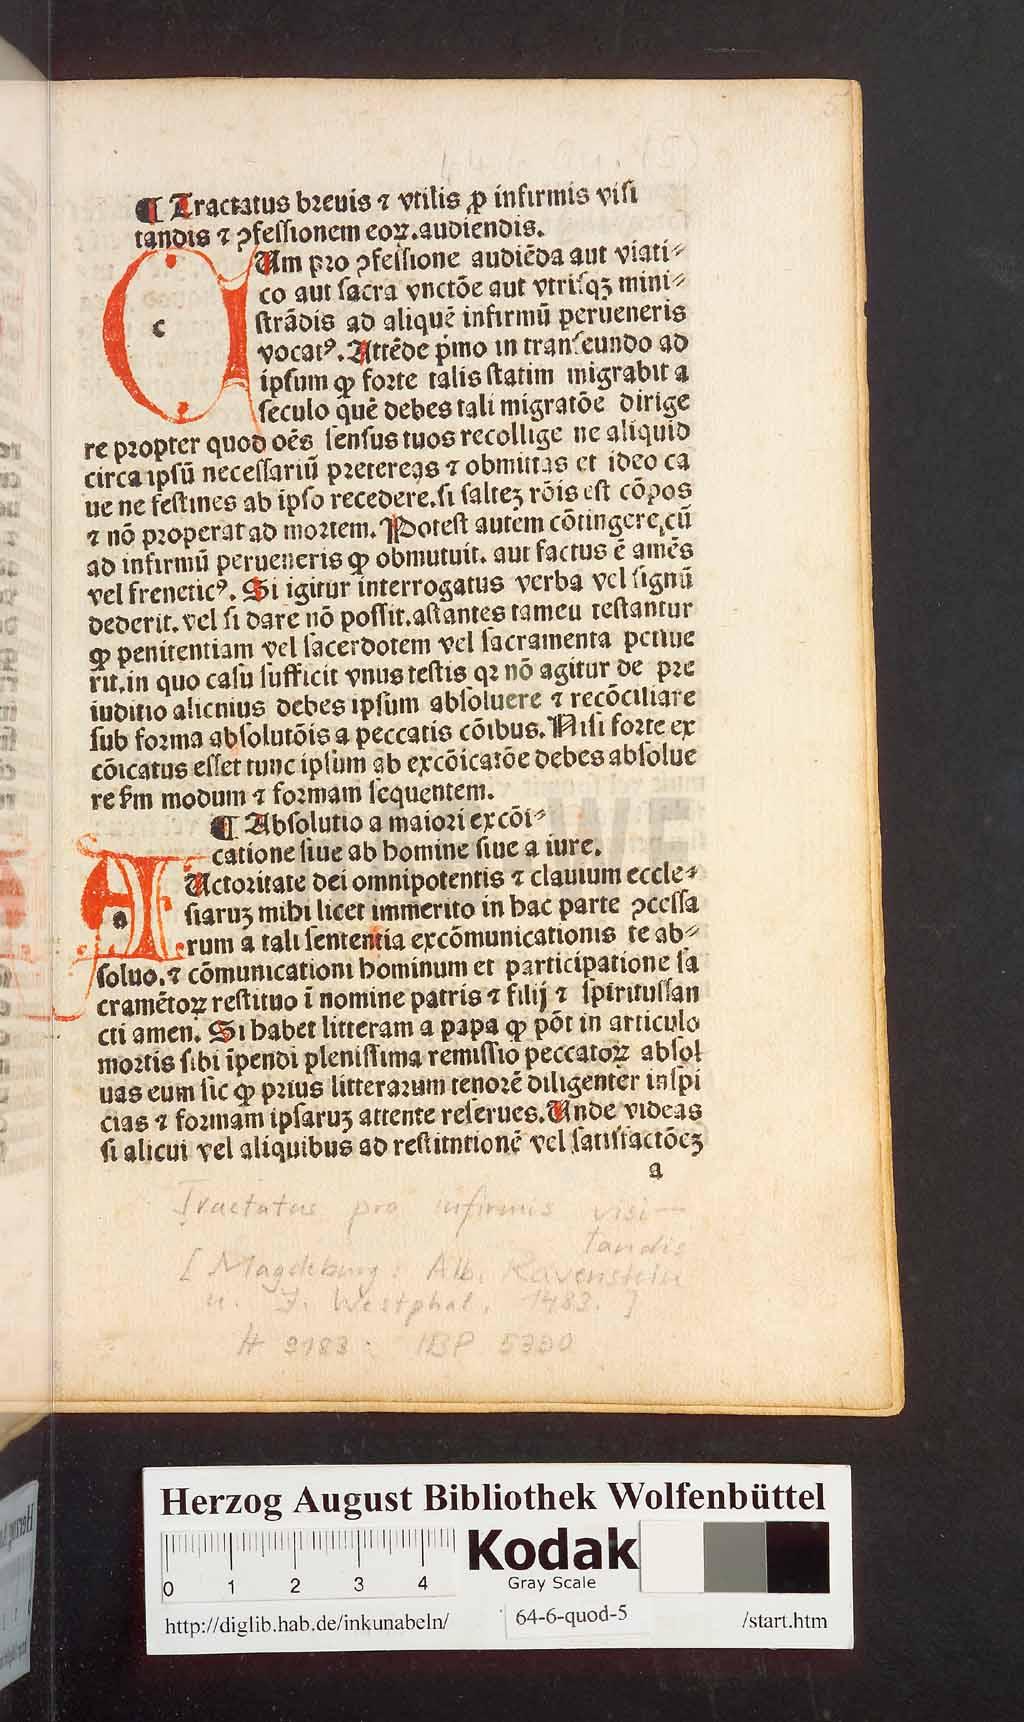 http://diglib.hab.de/inkunabeln/64-6-quod-5/00001.jpg